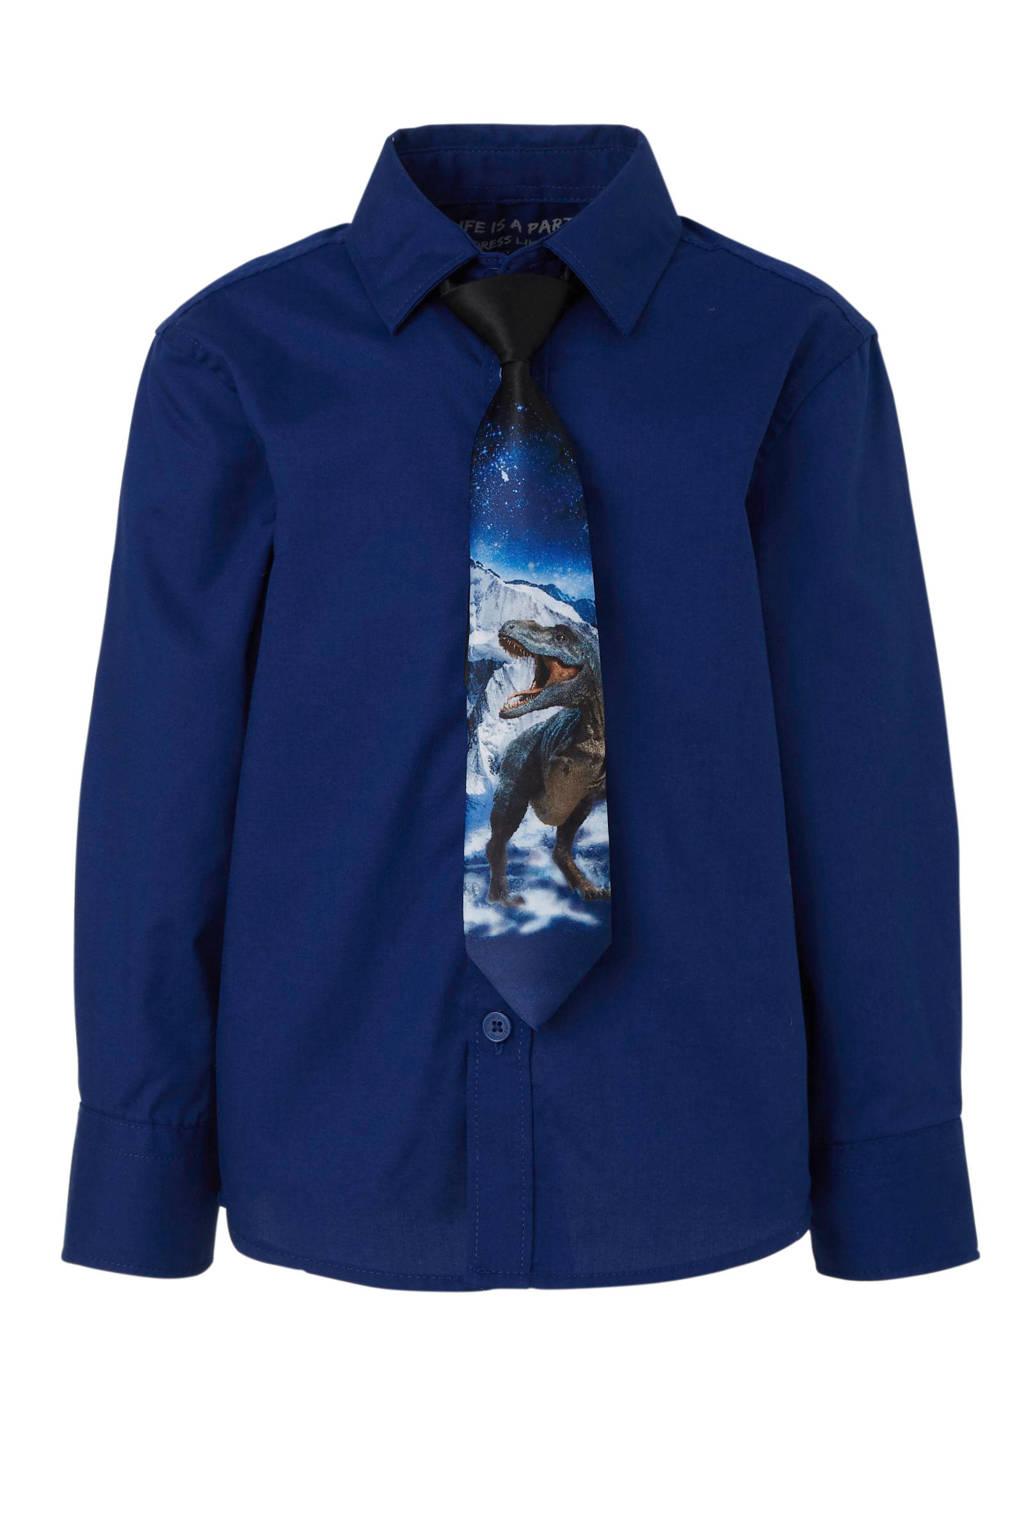 C&A Palomino overhemd donkerblauw, Donkerblauw